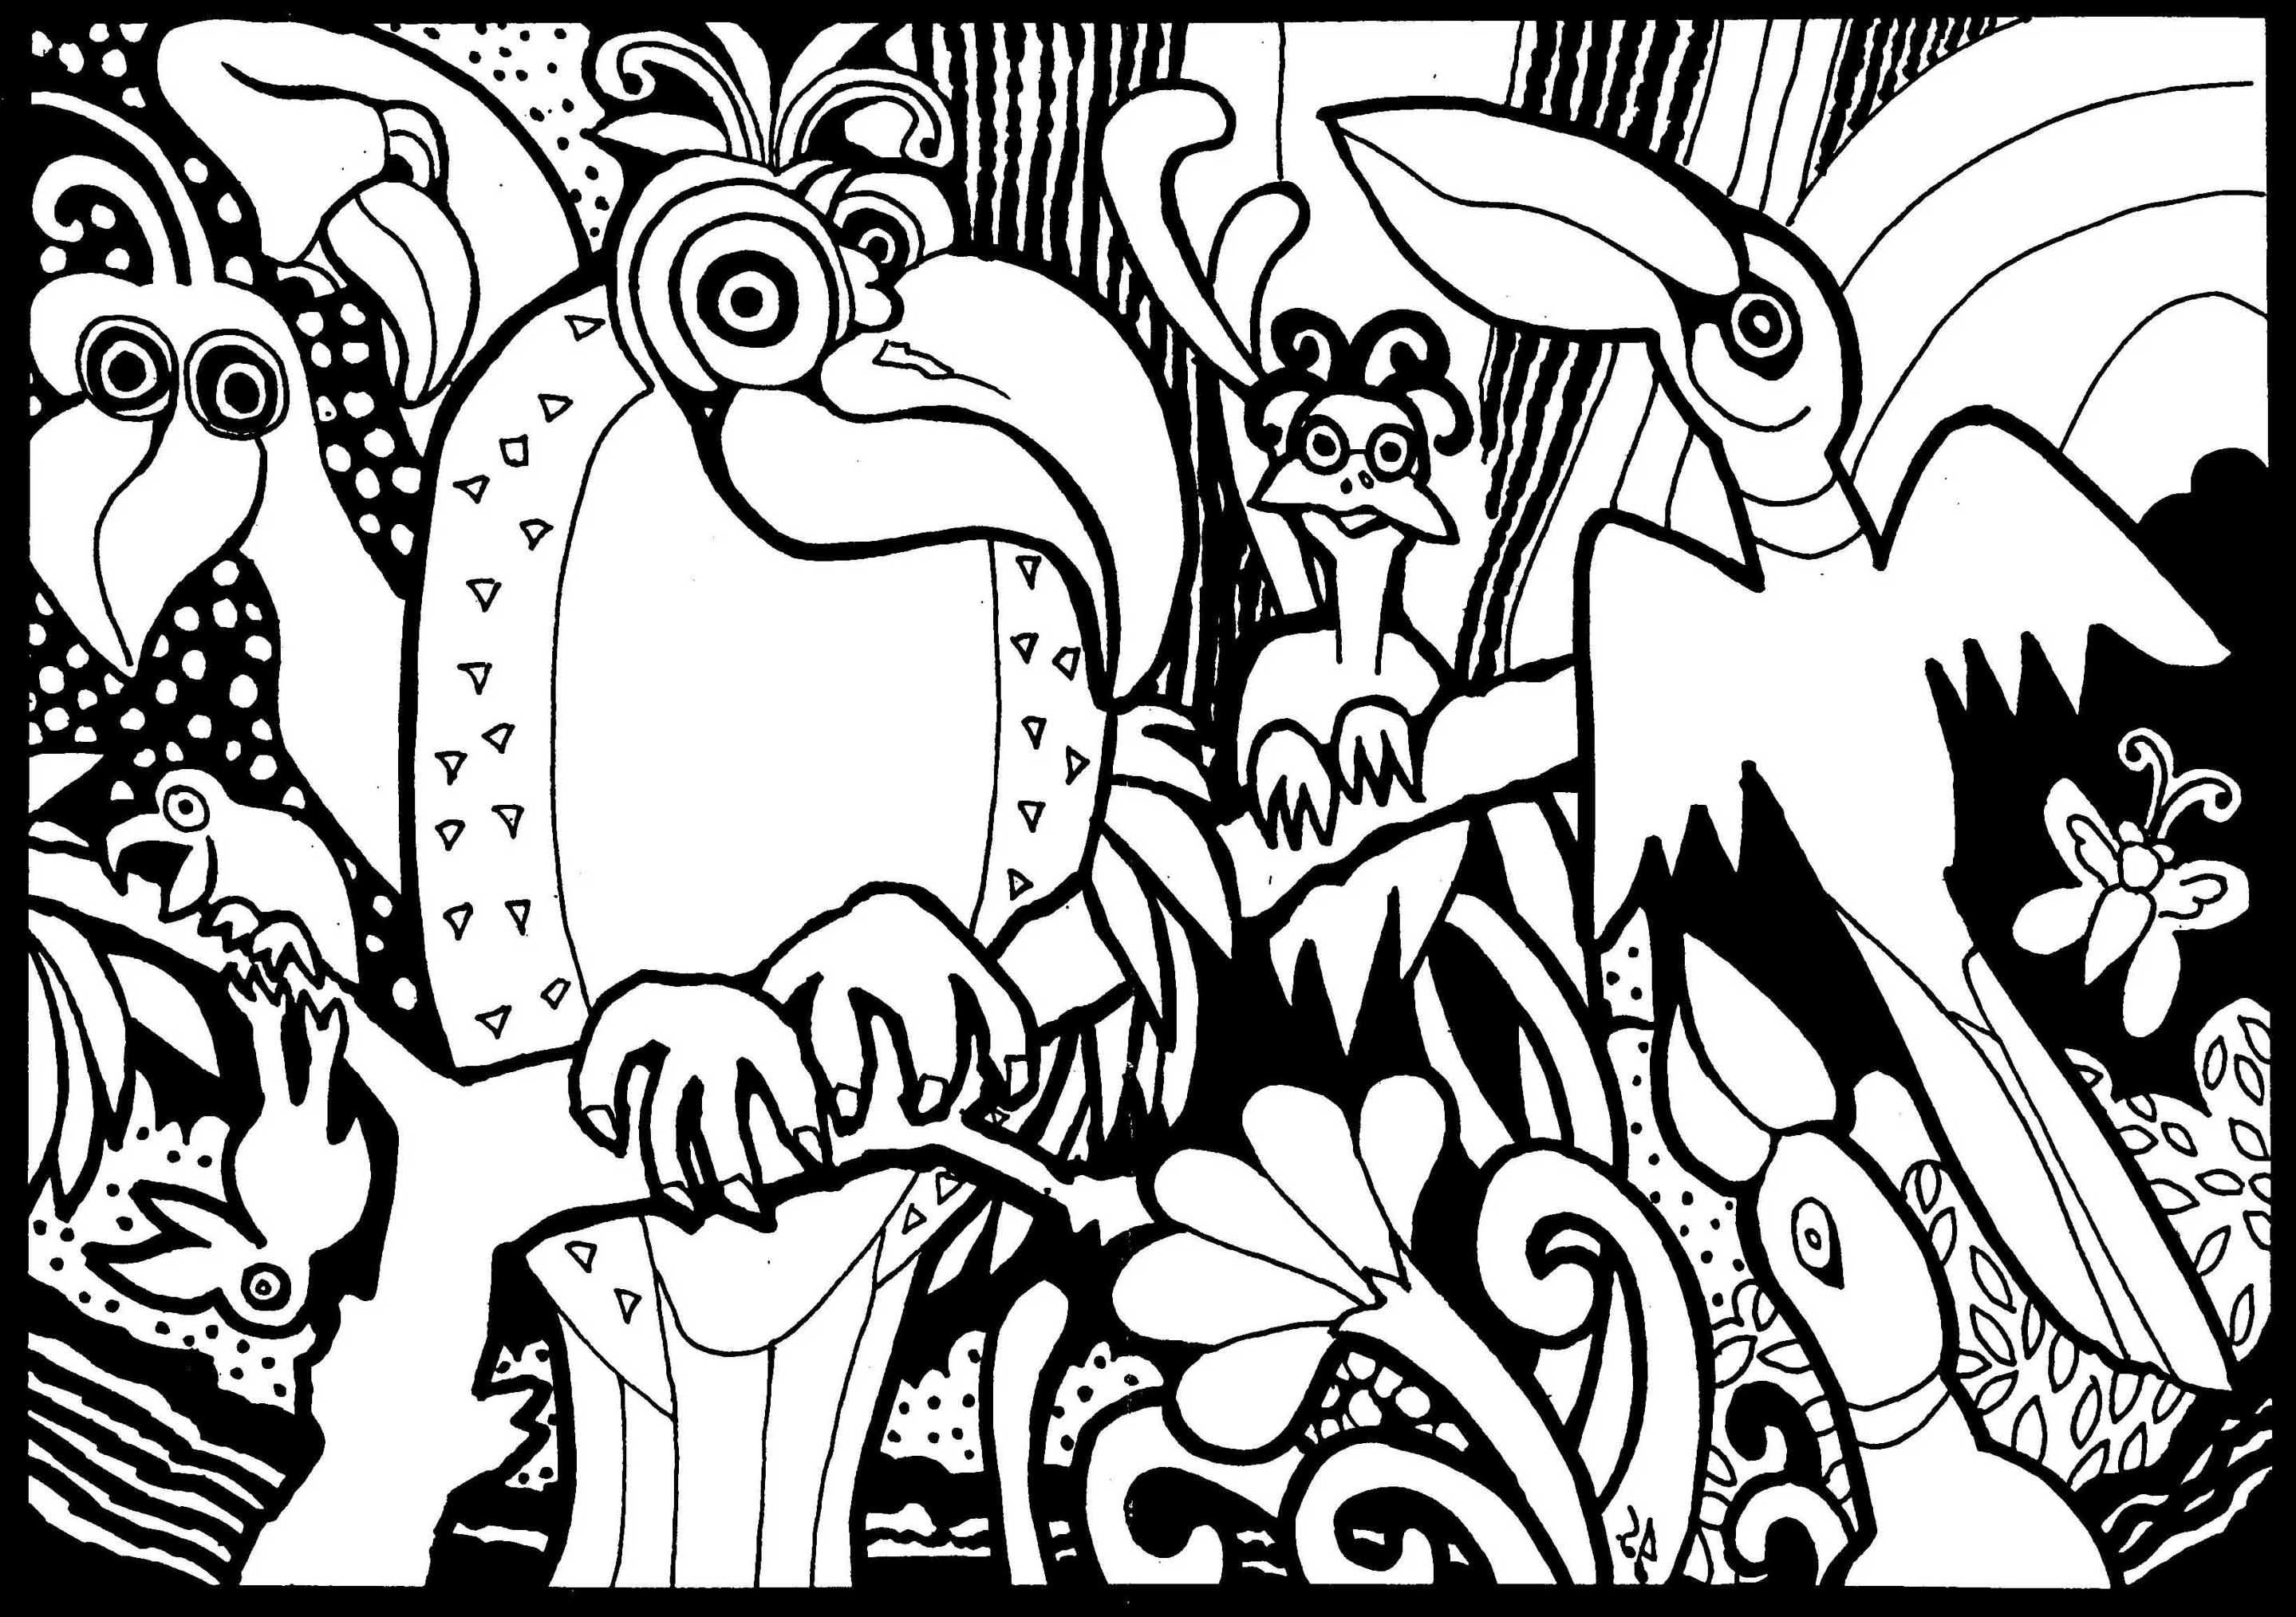 vogel 97404 - vögel - malbuch fur erwachsene